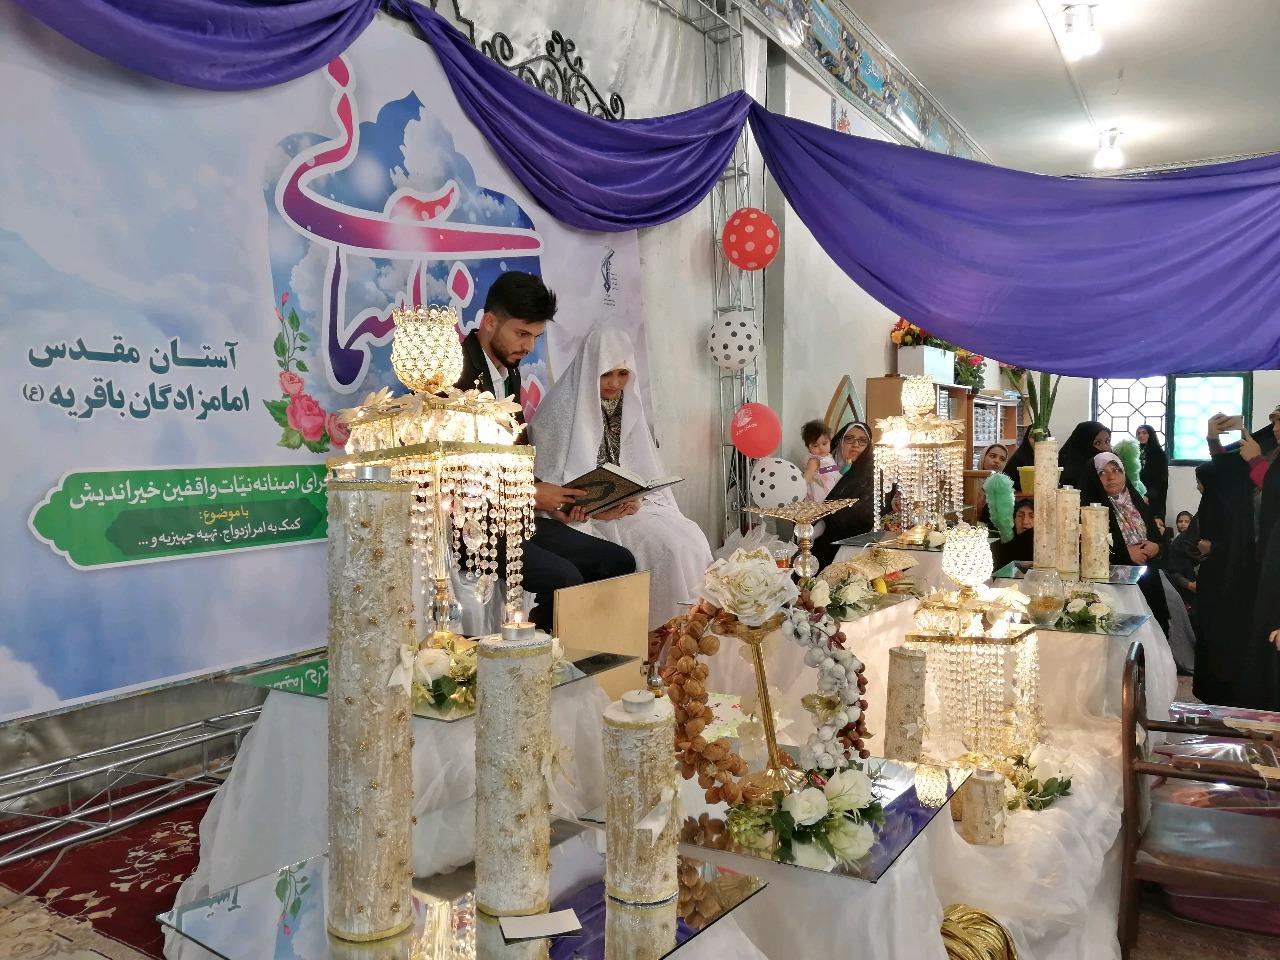 جشن ازدواج آسان 34 زوج خراسان جنوبی